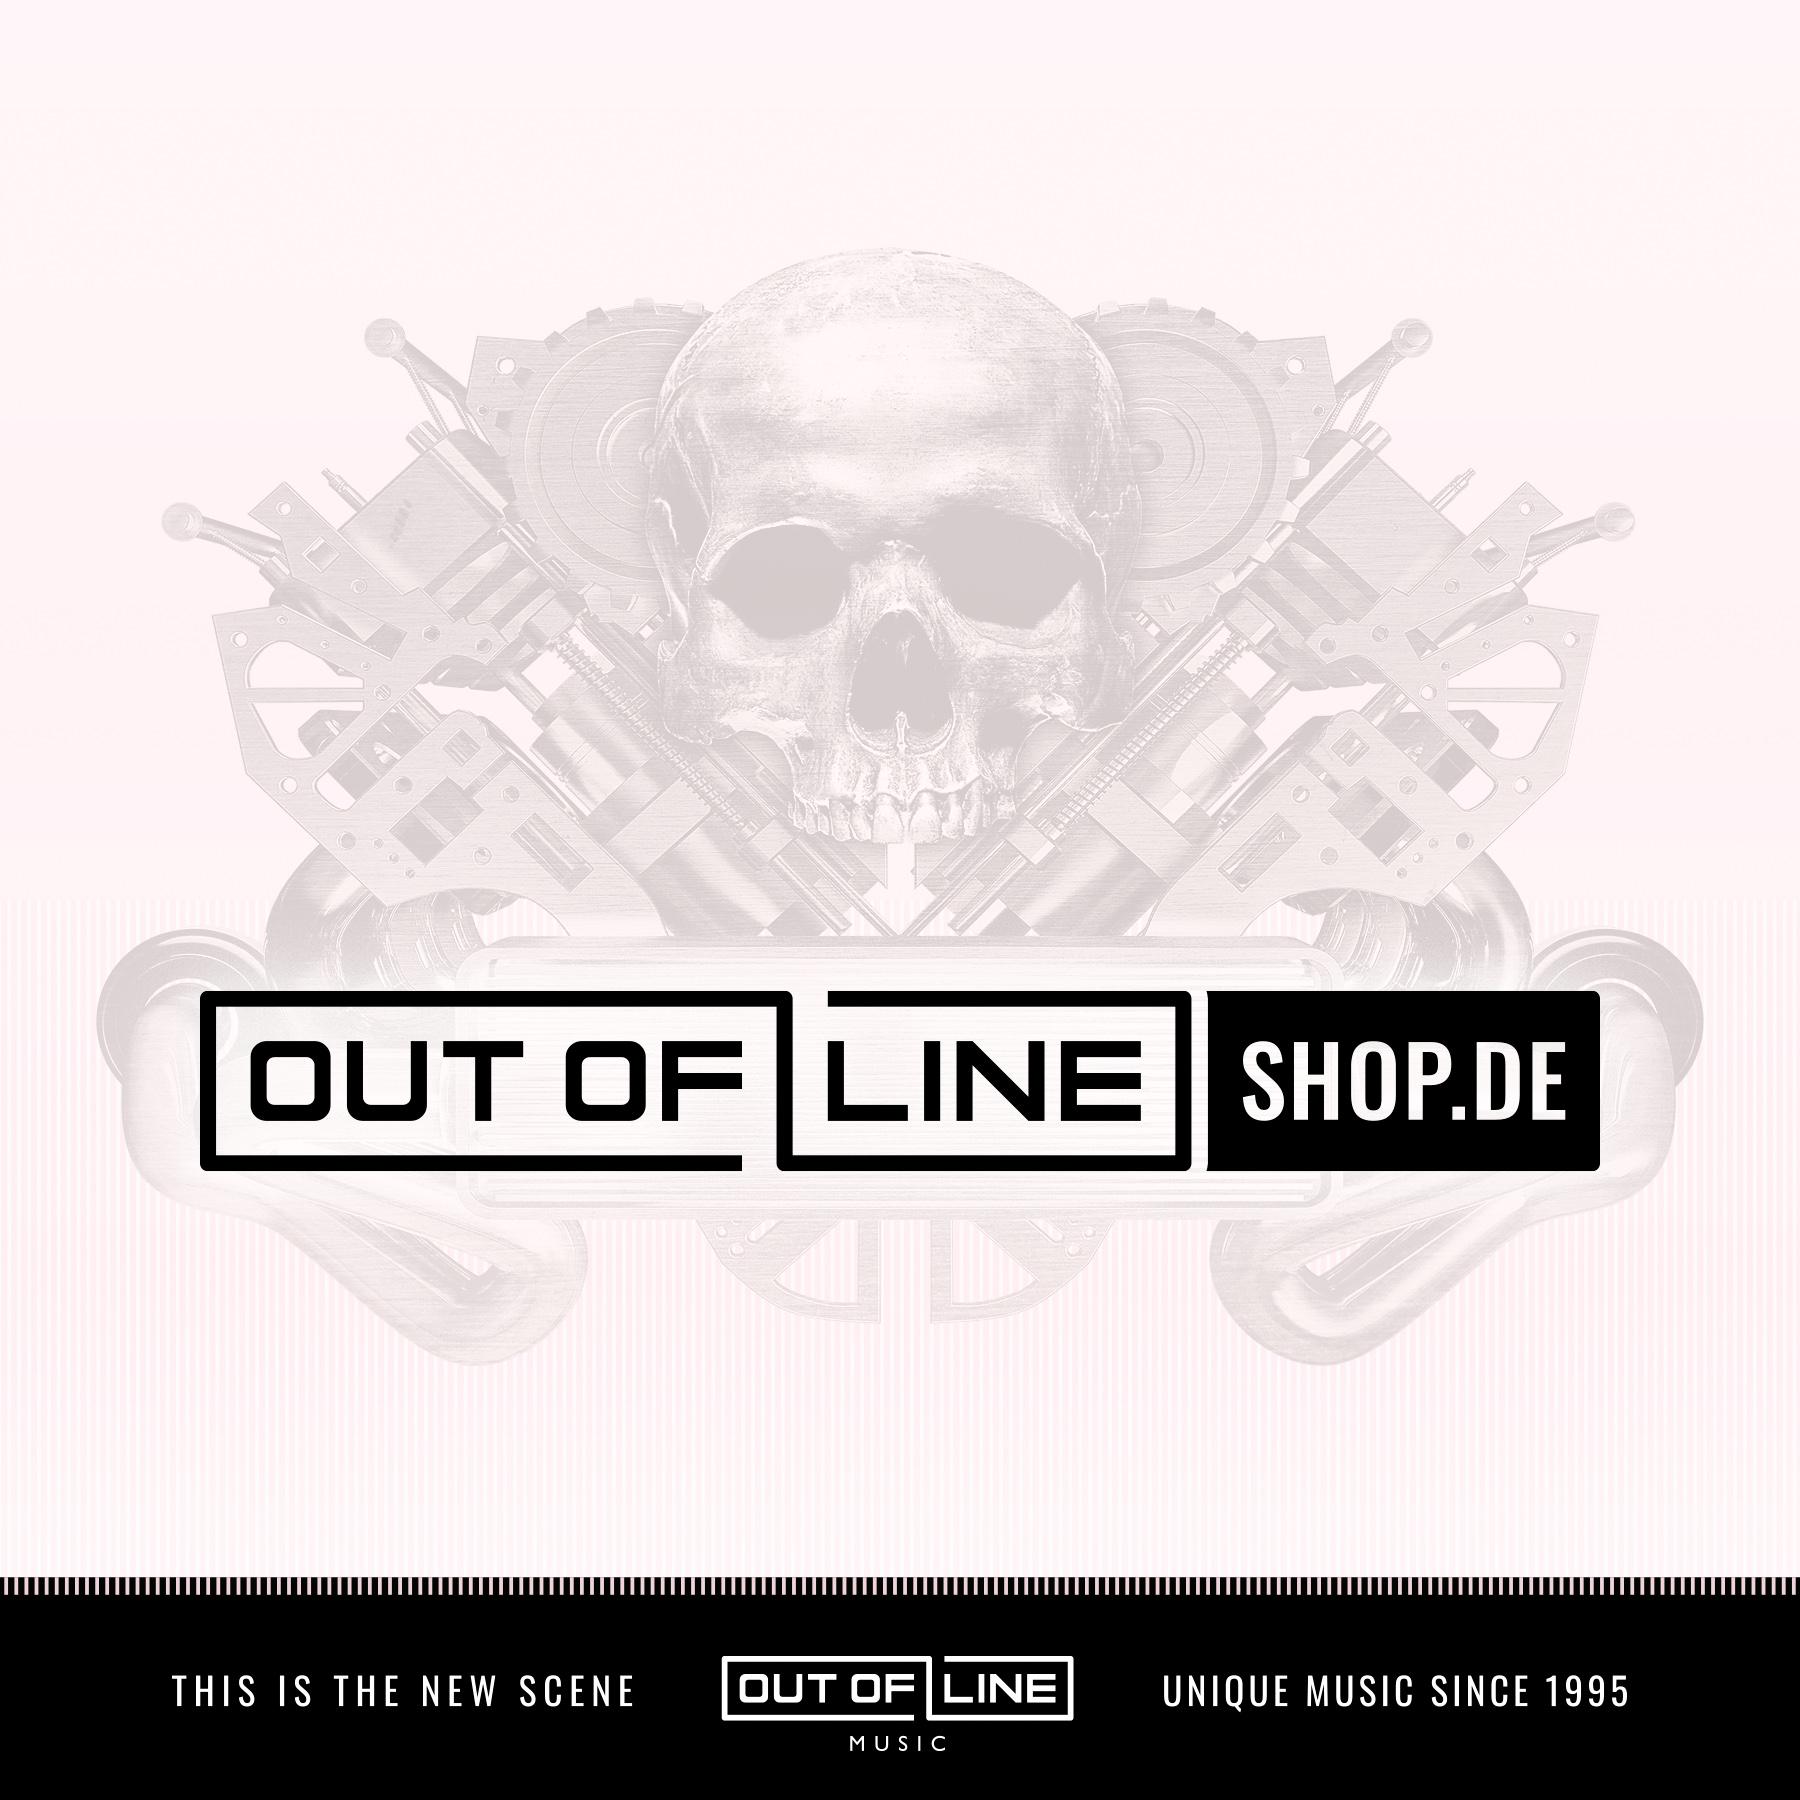 """Blutengel - 22.12.21 """"Our Souls Will Never Die"""" Festsaal Kreuzberg/ Berlin- Ticket"""